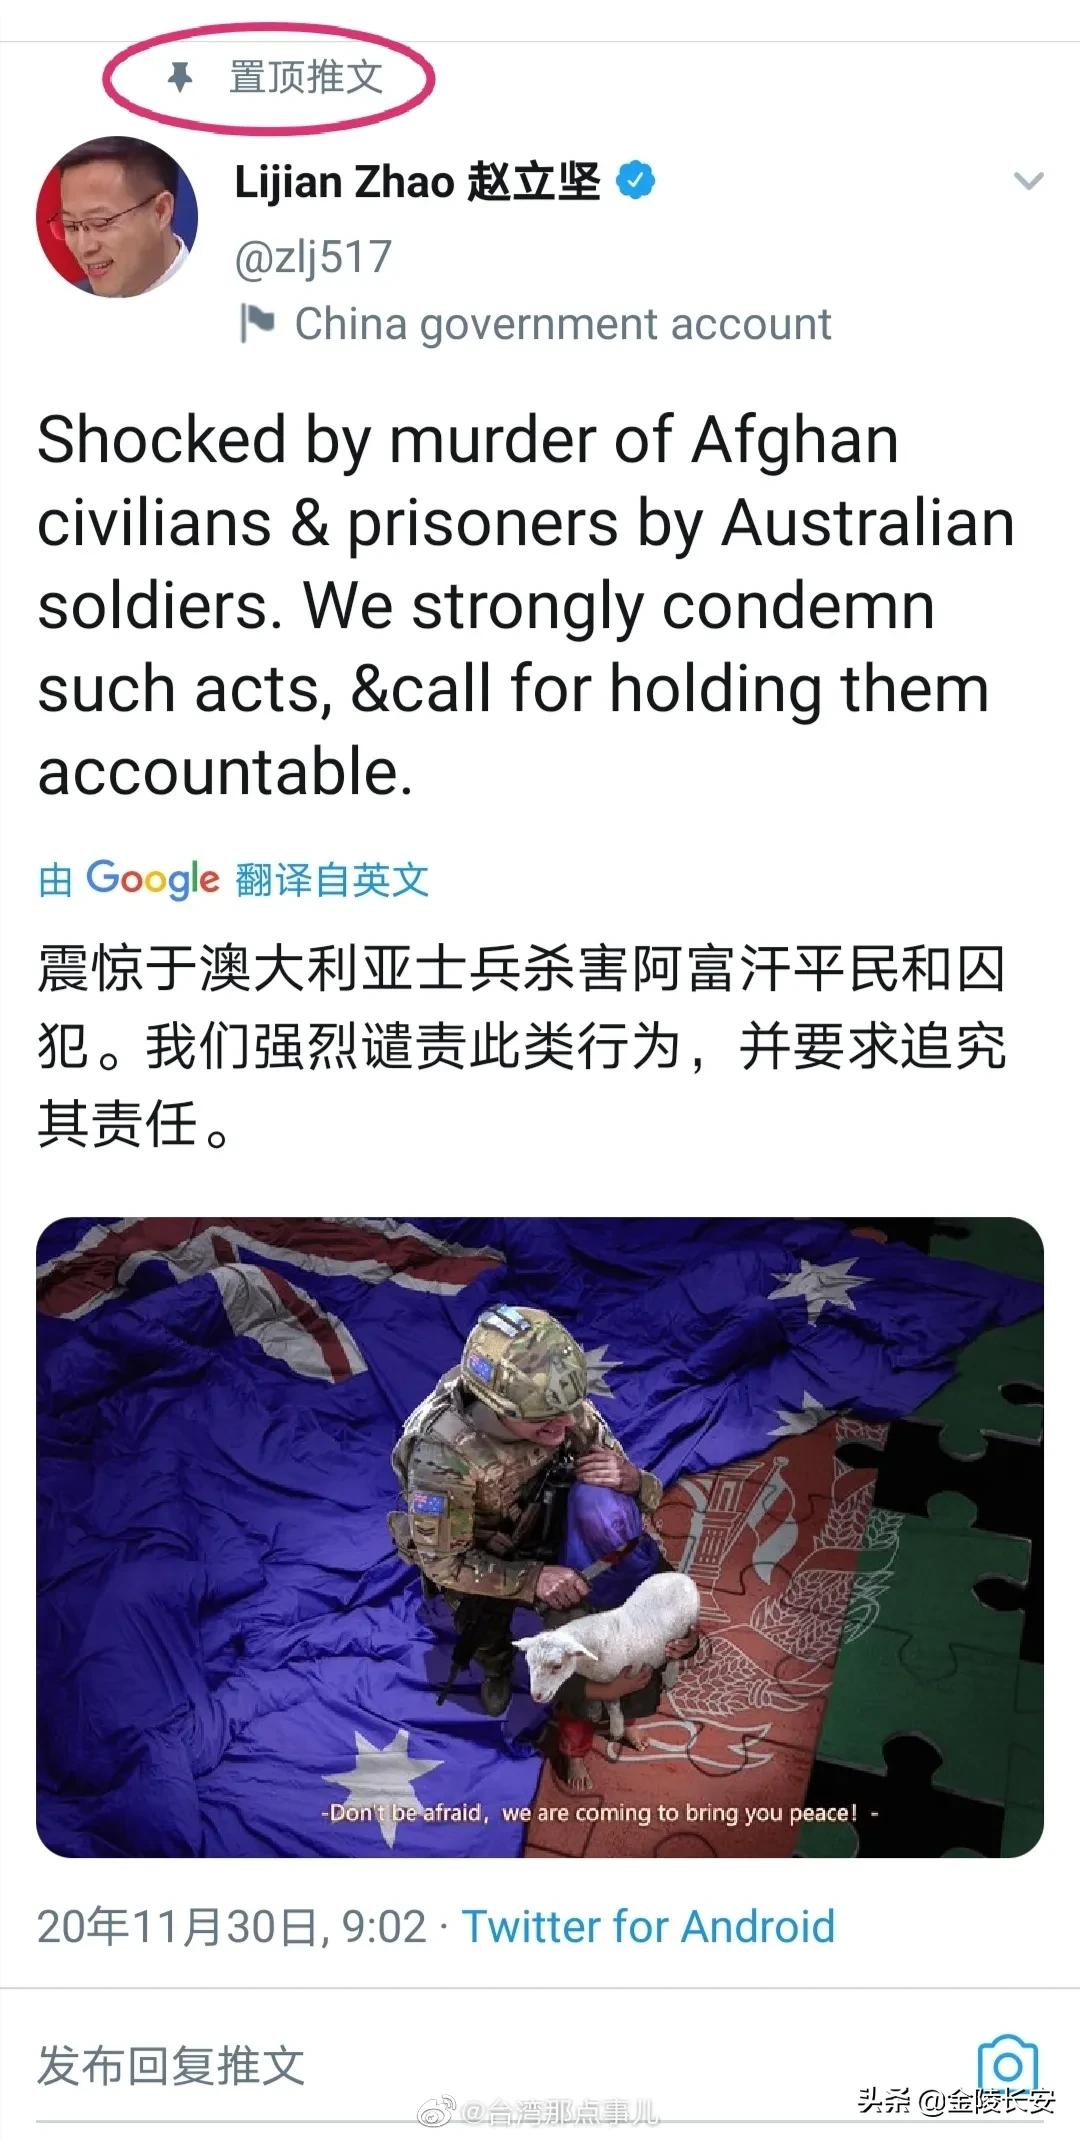 中国,终于把西方舆论霸权撕开了一个口子!